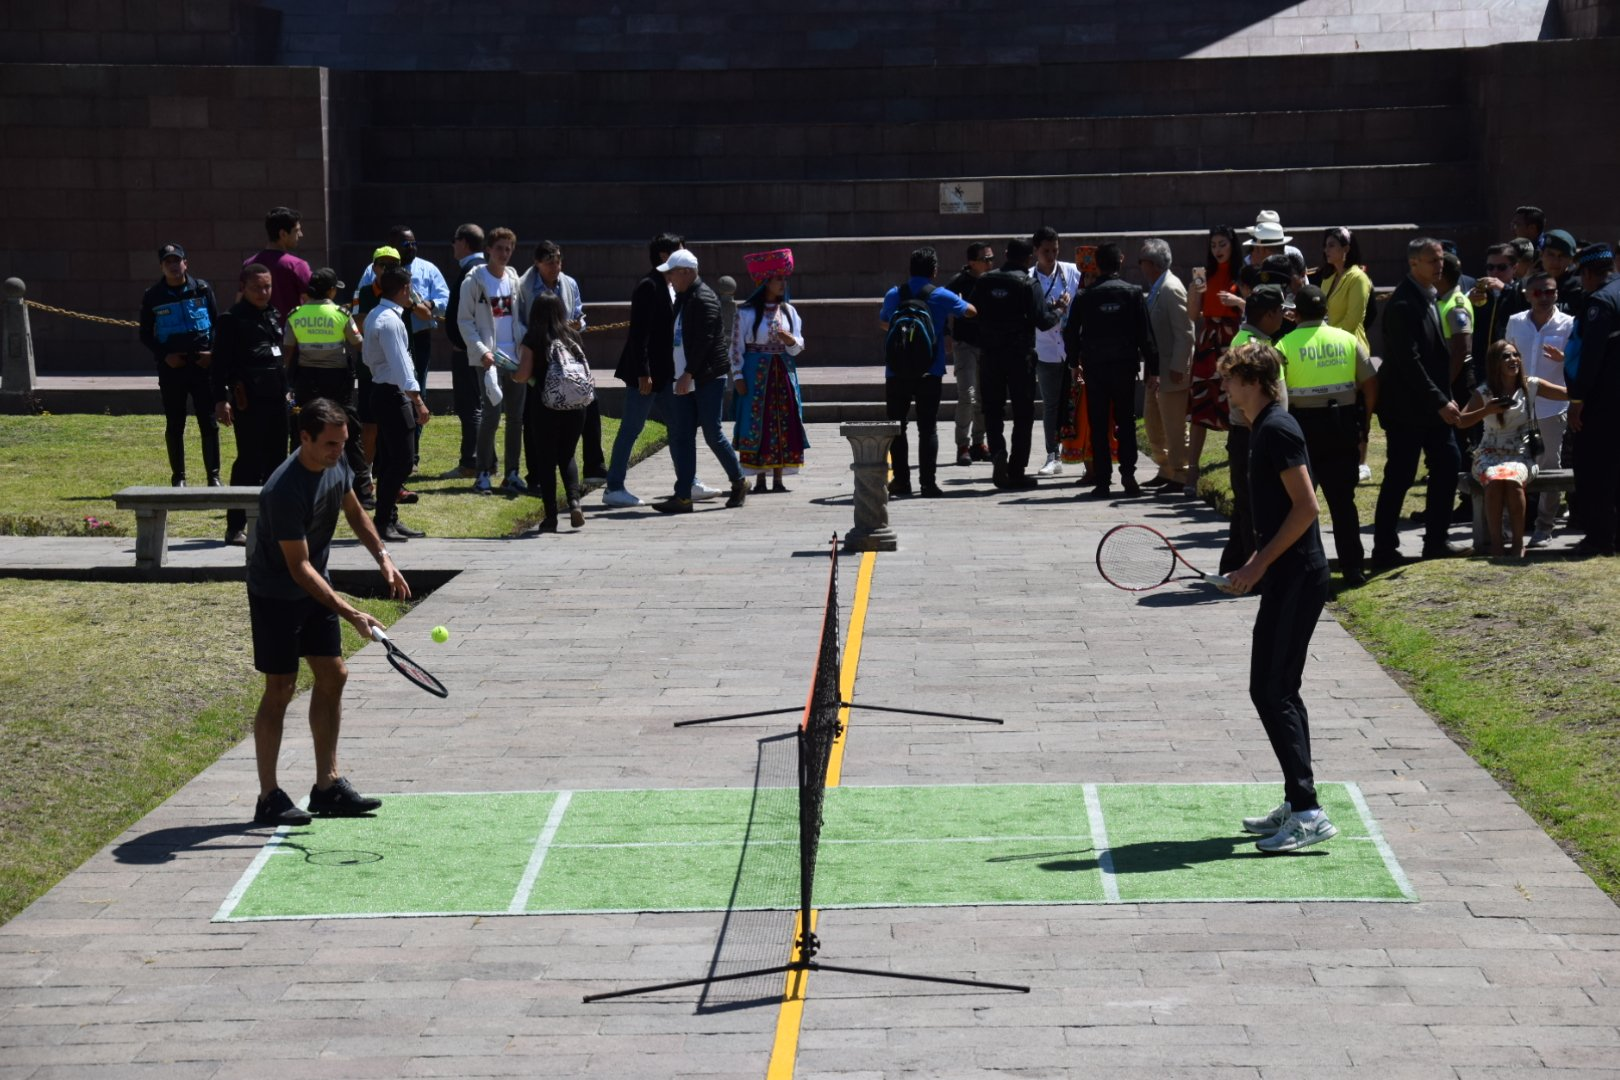 En Ecuador los tenistas cierran su gira, el partido de exhibición será esta noche en el Coliseo General Rumiñahui